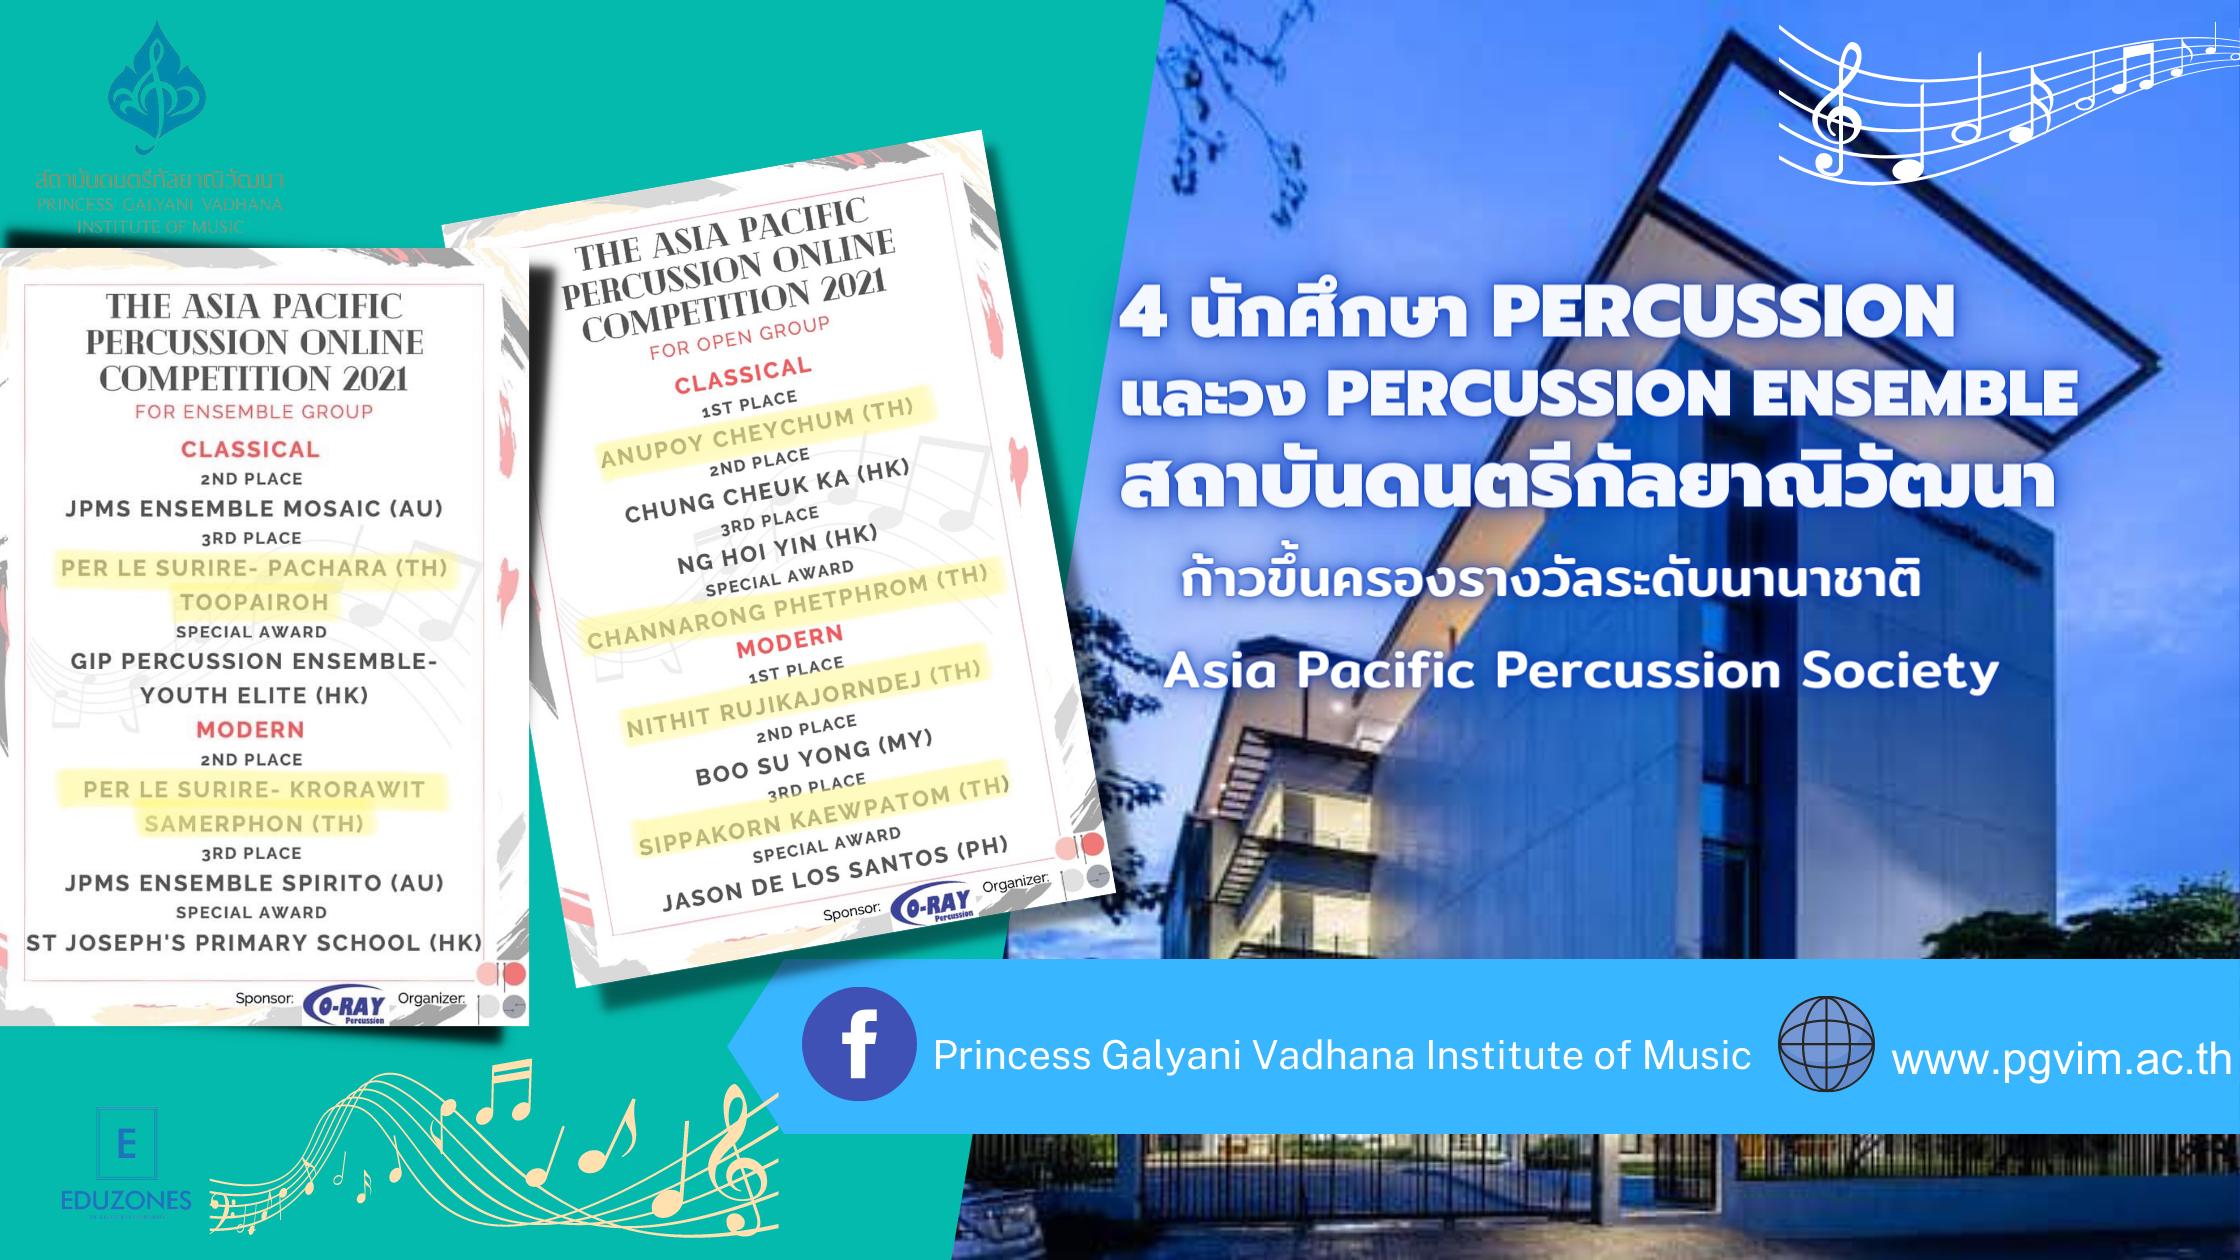 4 นักศึกษา Percussion และวง Percussion Ensemble สถาบันดนตรีกัลยาณิวัฒนา ก้าวขึ้นครองรางวัลระดับนานาชาติ Asia Pacific Percussion Society